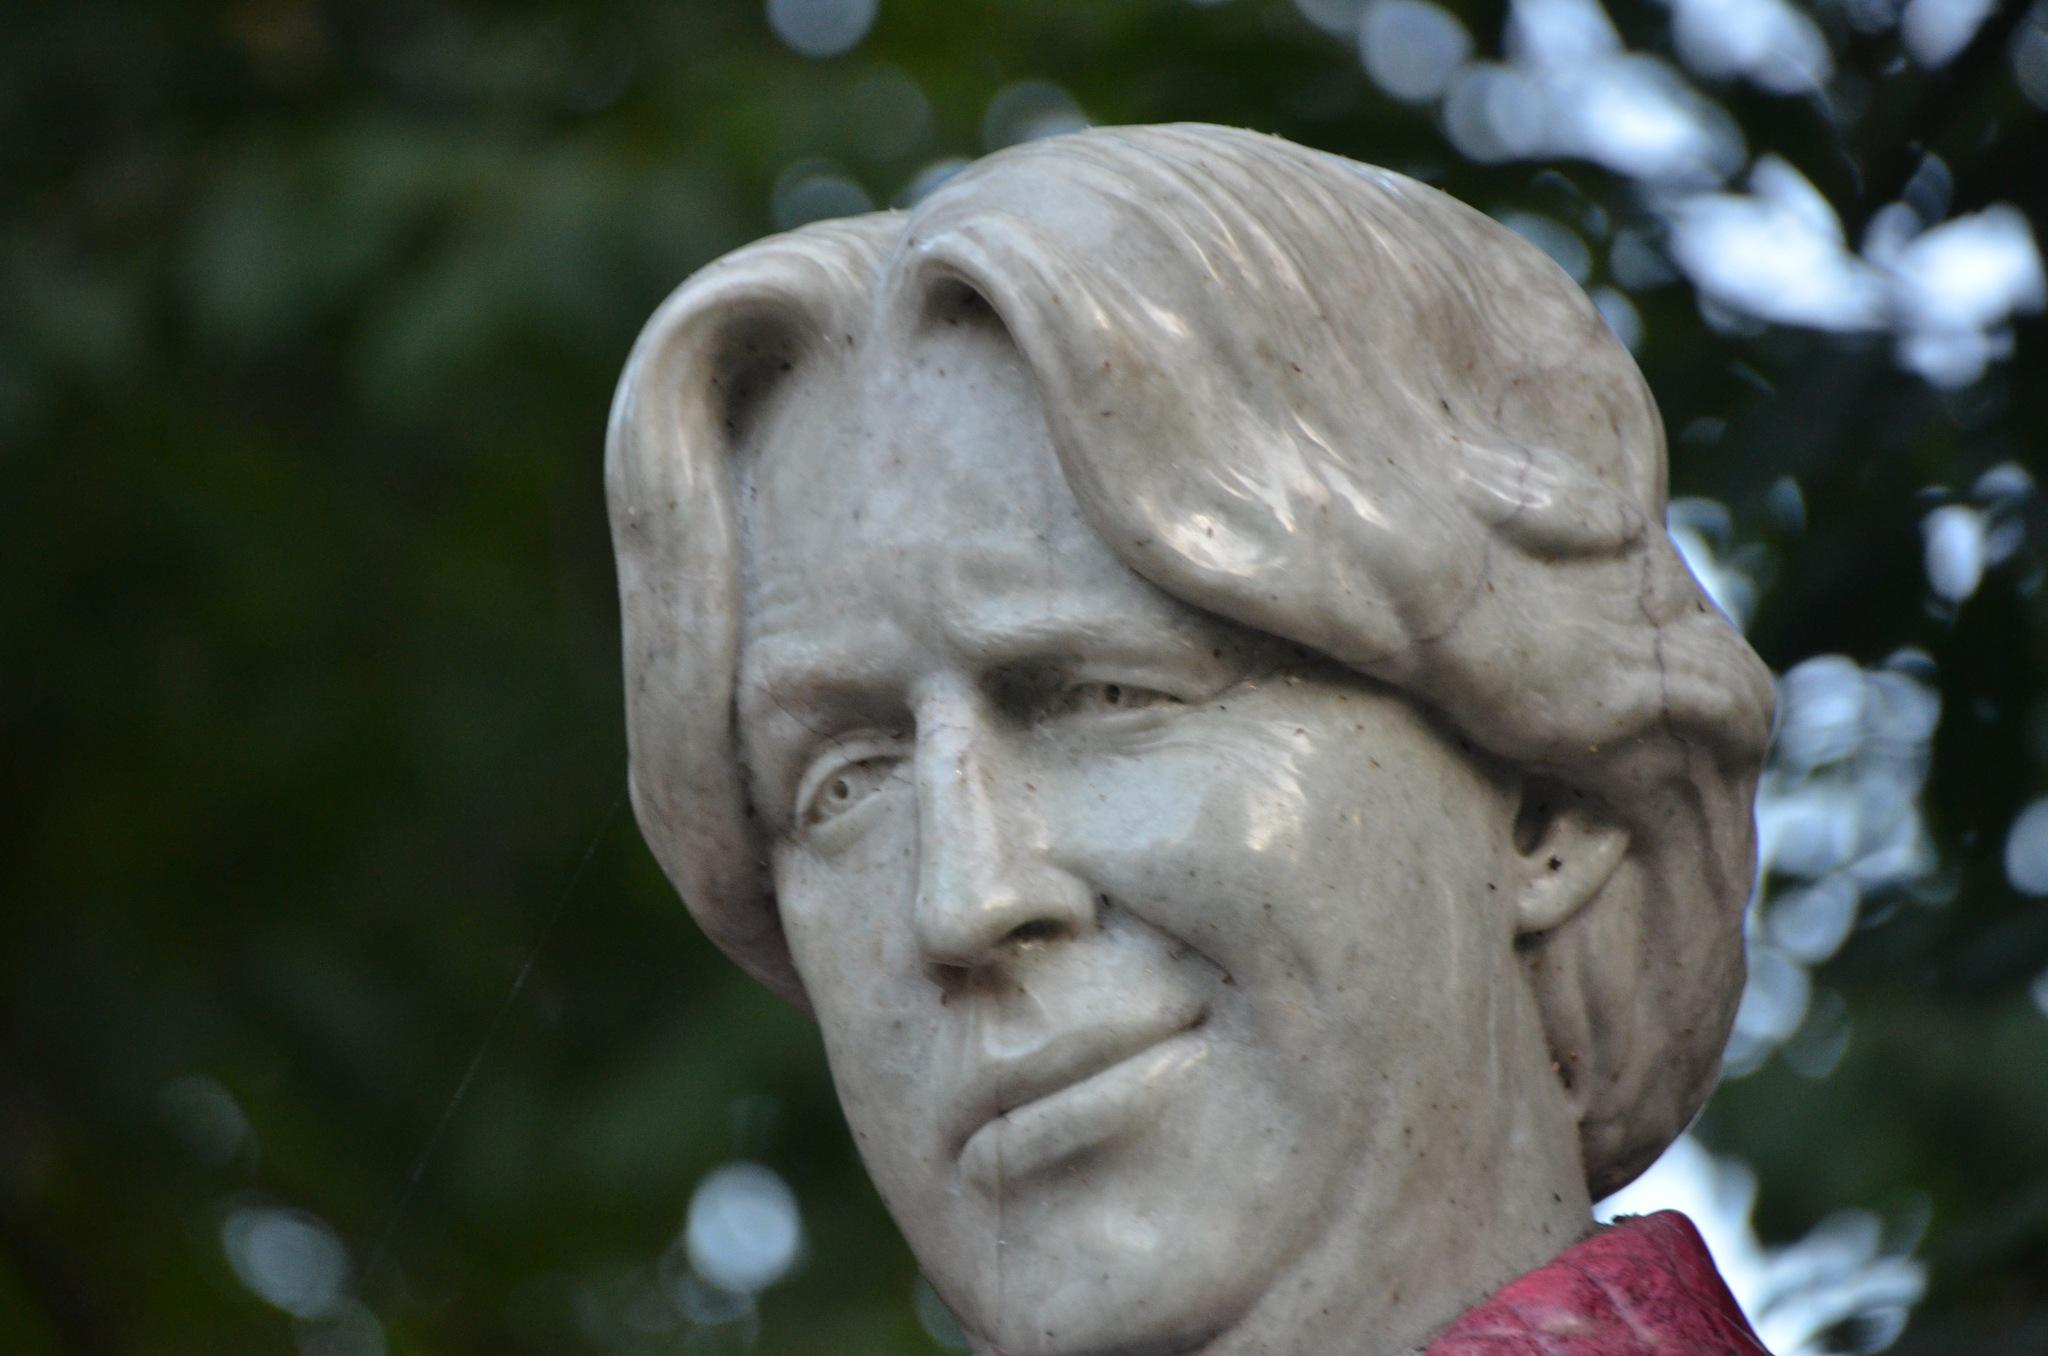 Oscar  Wilde~Merrion Square ~ Dublin, Ireland  September 25,  2017 by domenic.silvi